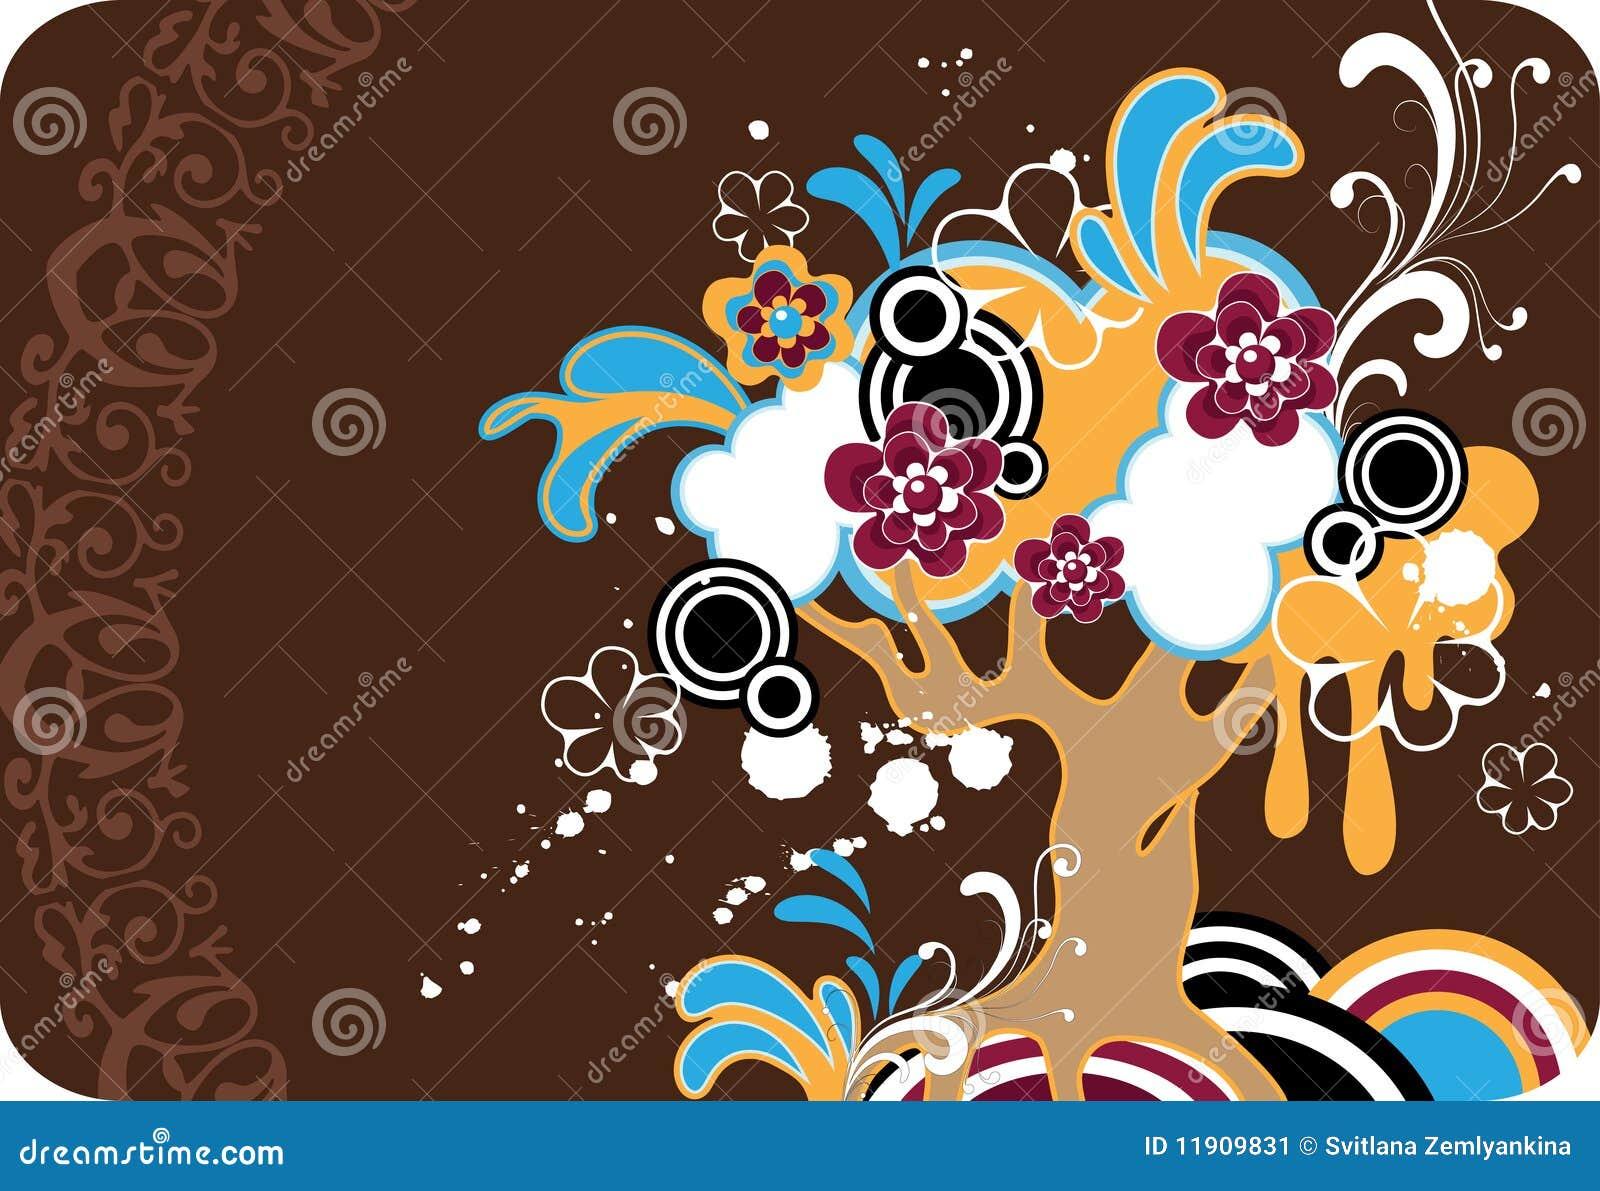 Albero fantastico del fiore immagine stock immagine for Fantastici disegni di garage